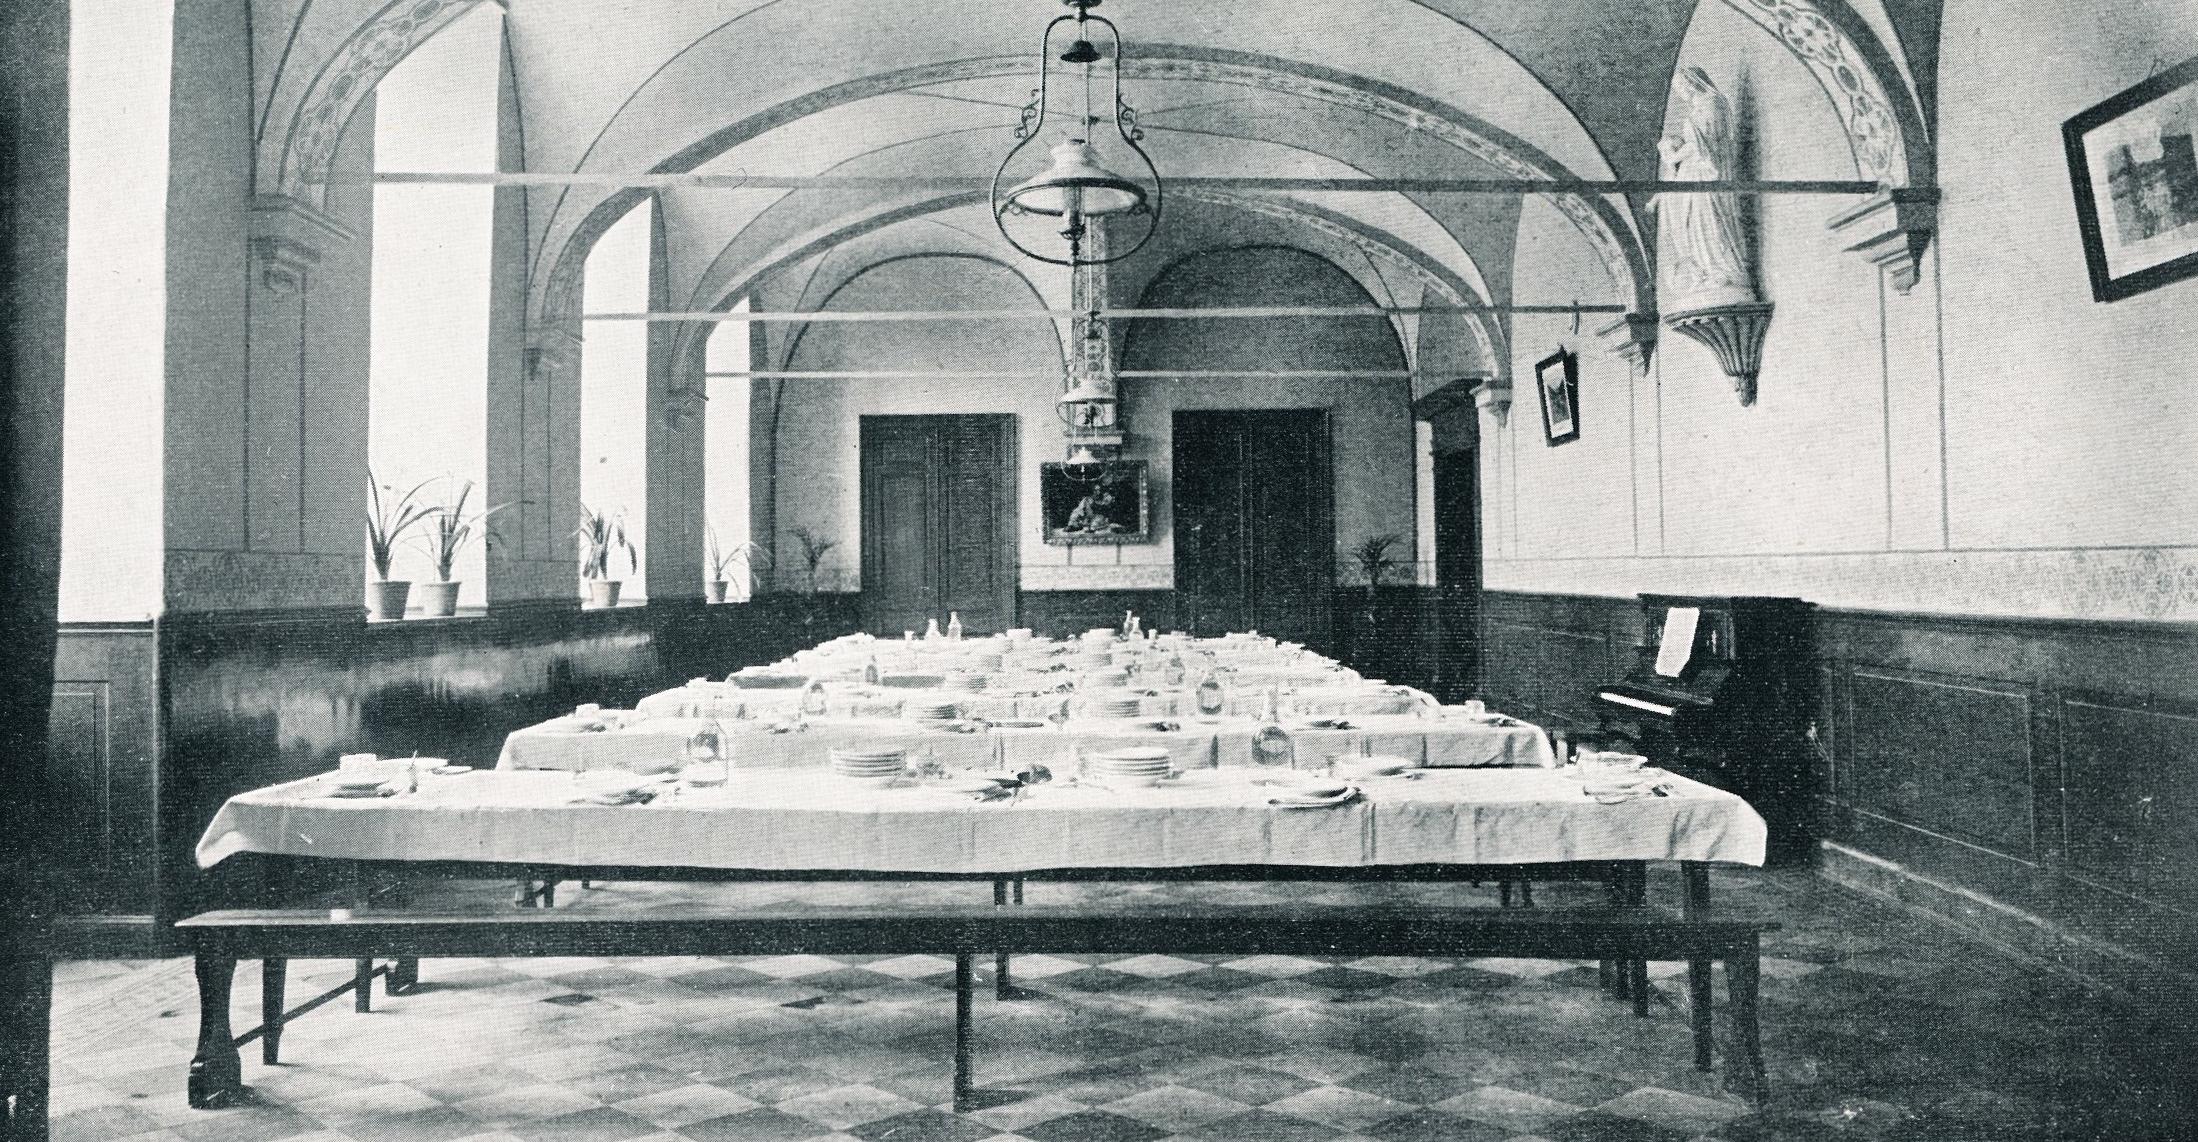 Eetzaalgroteleerlingen1938